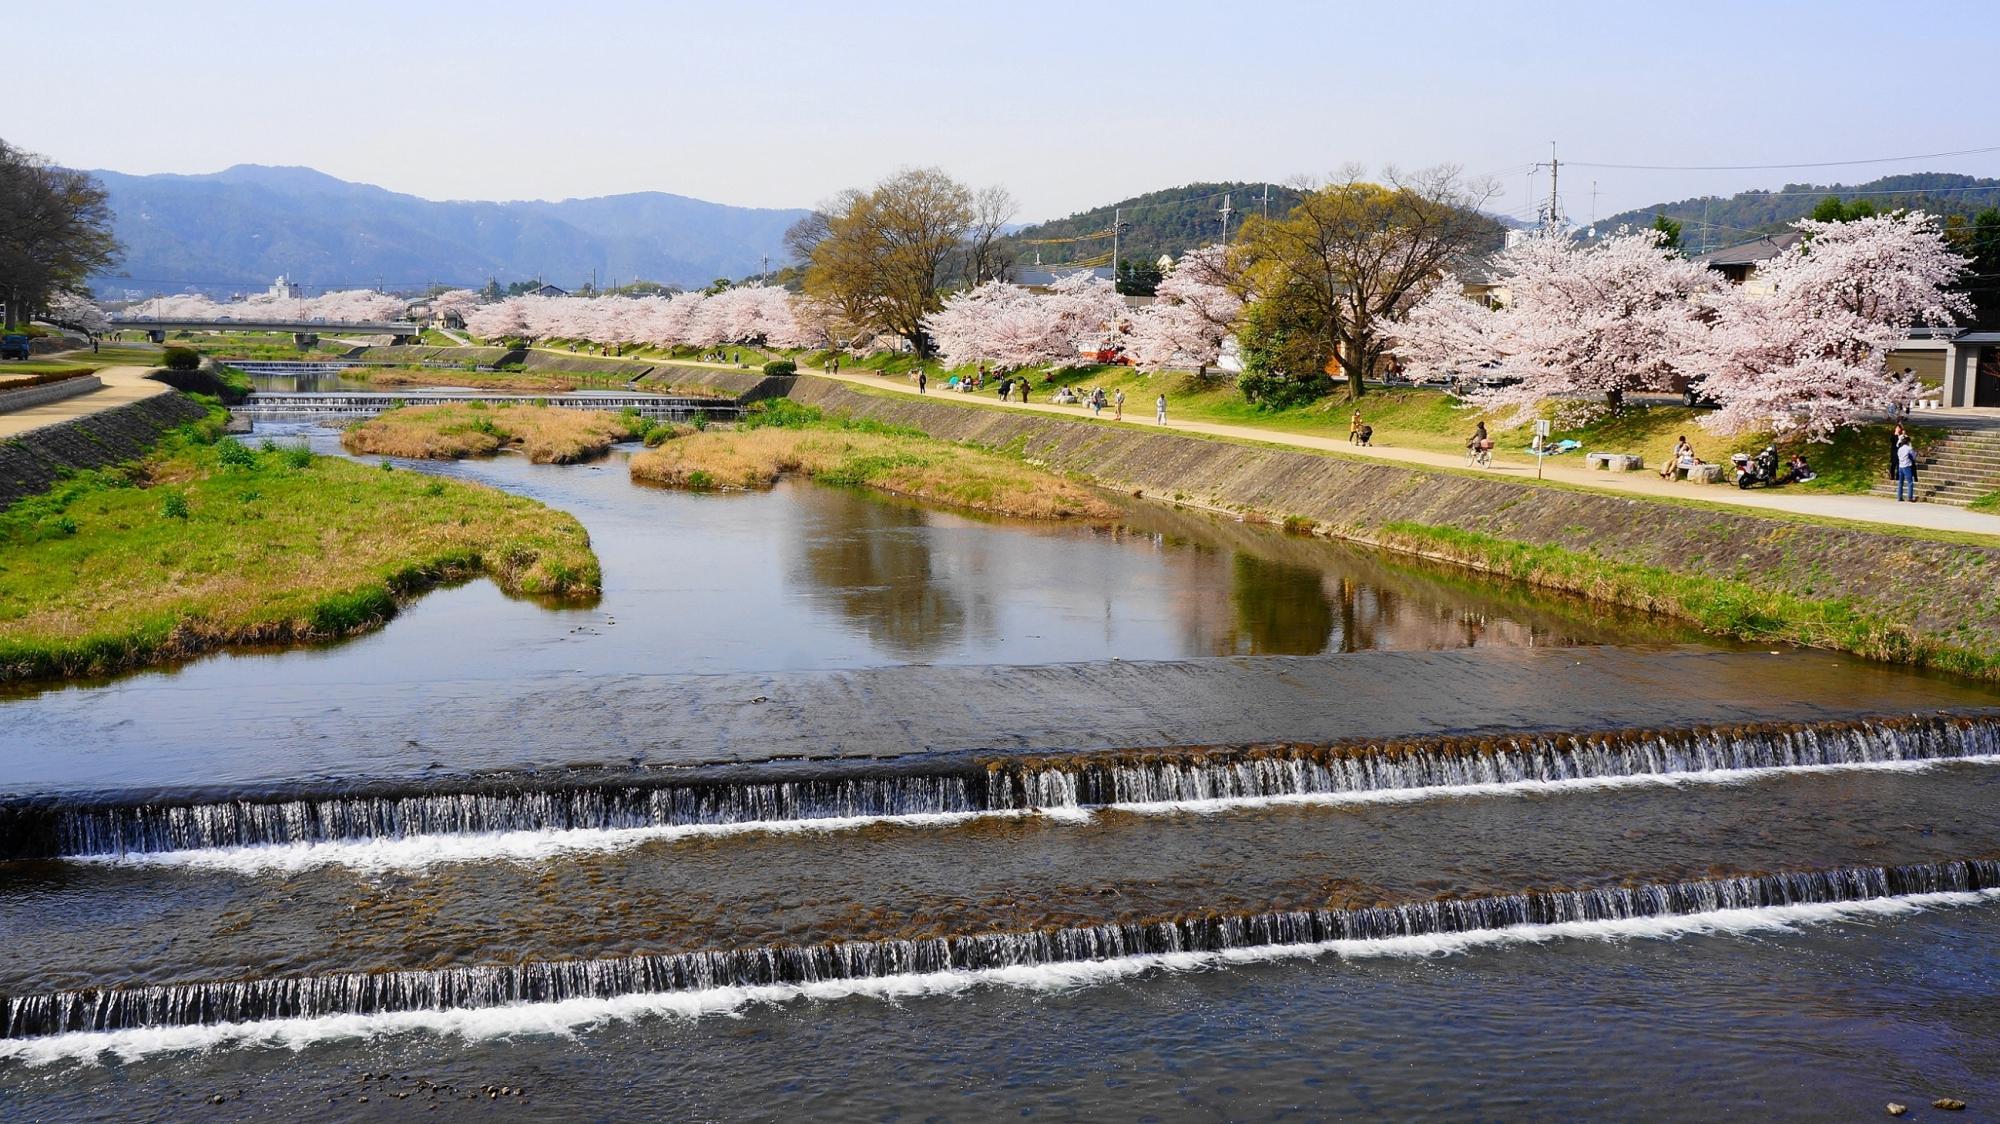 半木の道や賀茂川の素晴らしいしだれ桜や春の情景